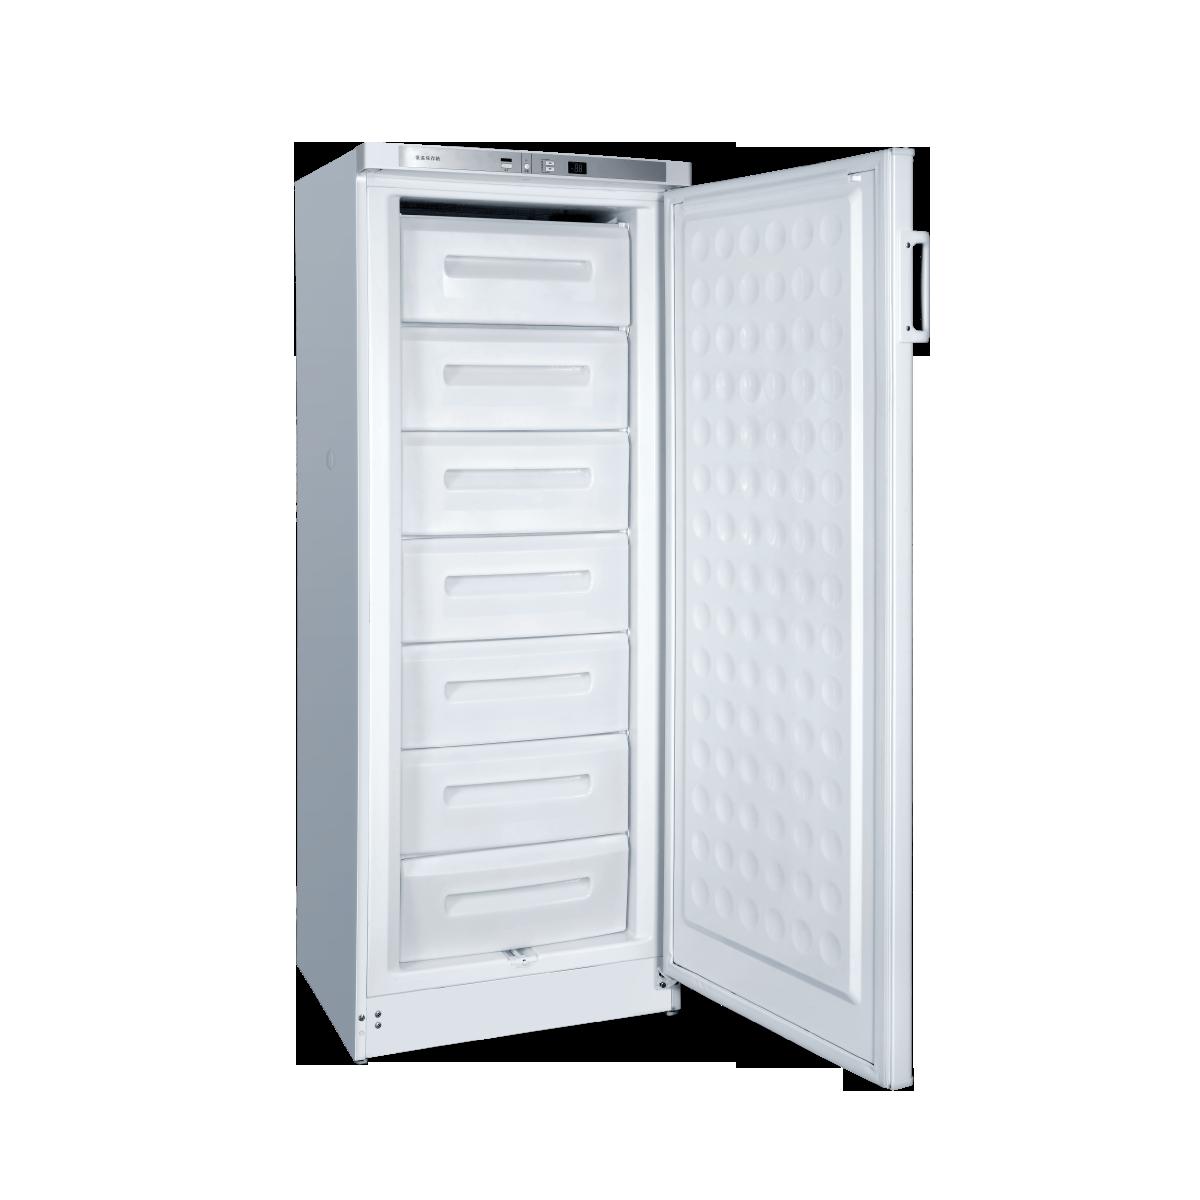 海尔-25℃立式低温保存箱DW-25L262/立式262L医用冰箱/-25℃冰箱